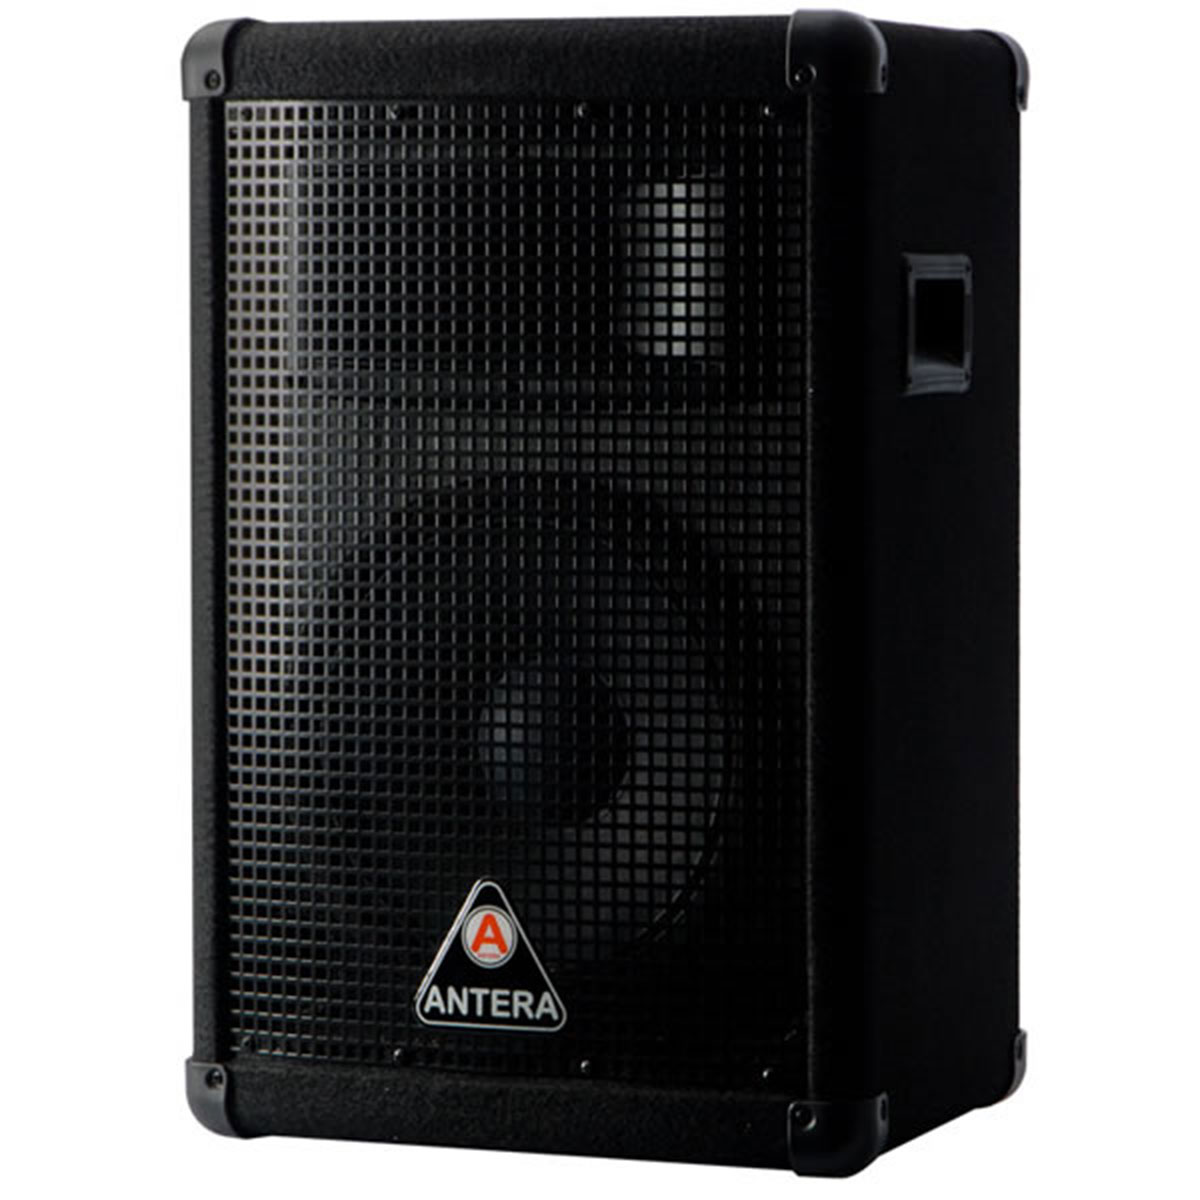 Caixa Passiva Fal 10 Pol 100W - CP 10.1 Antera